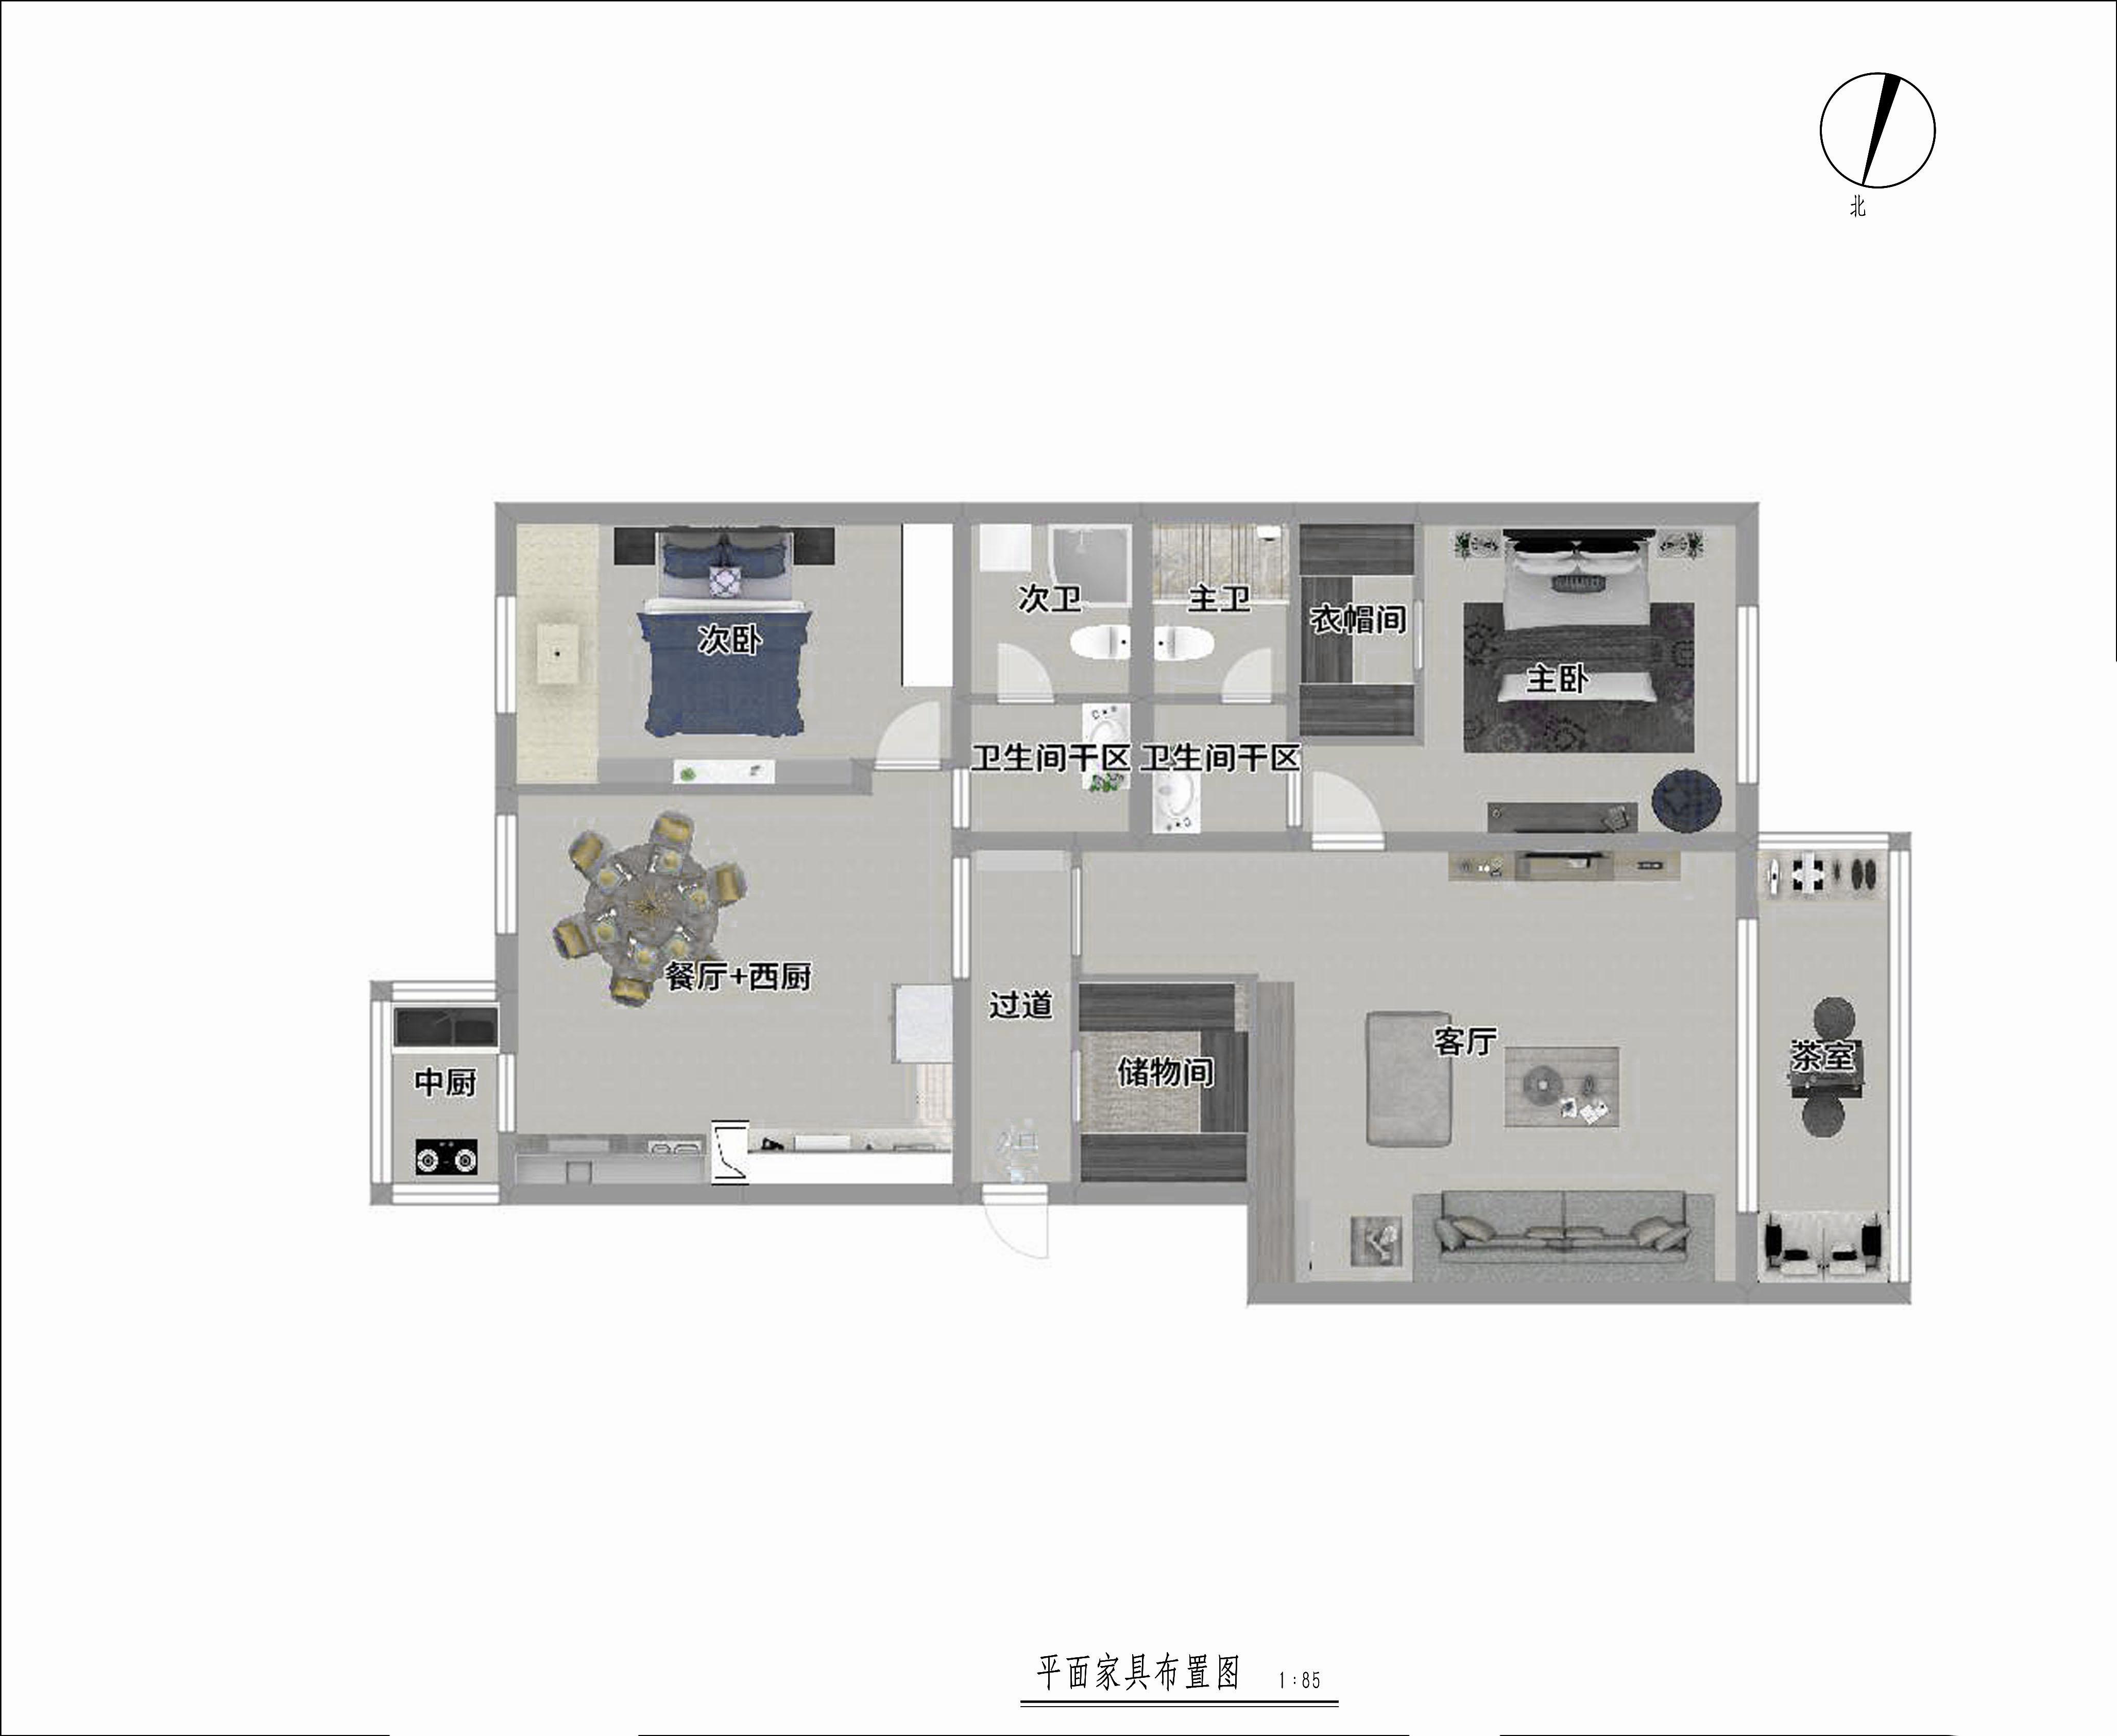 天通西苑-129.71平米-法式风格装修设计理念